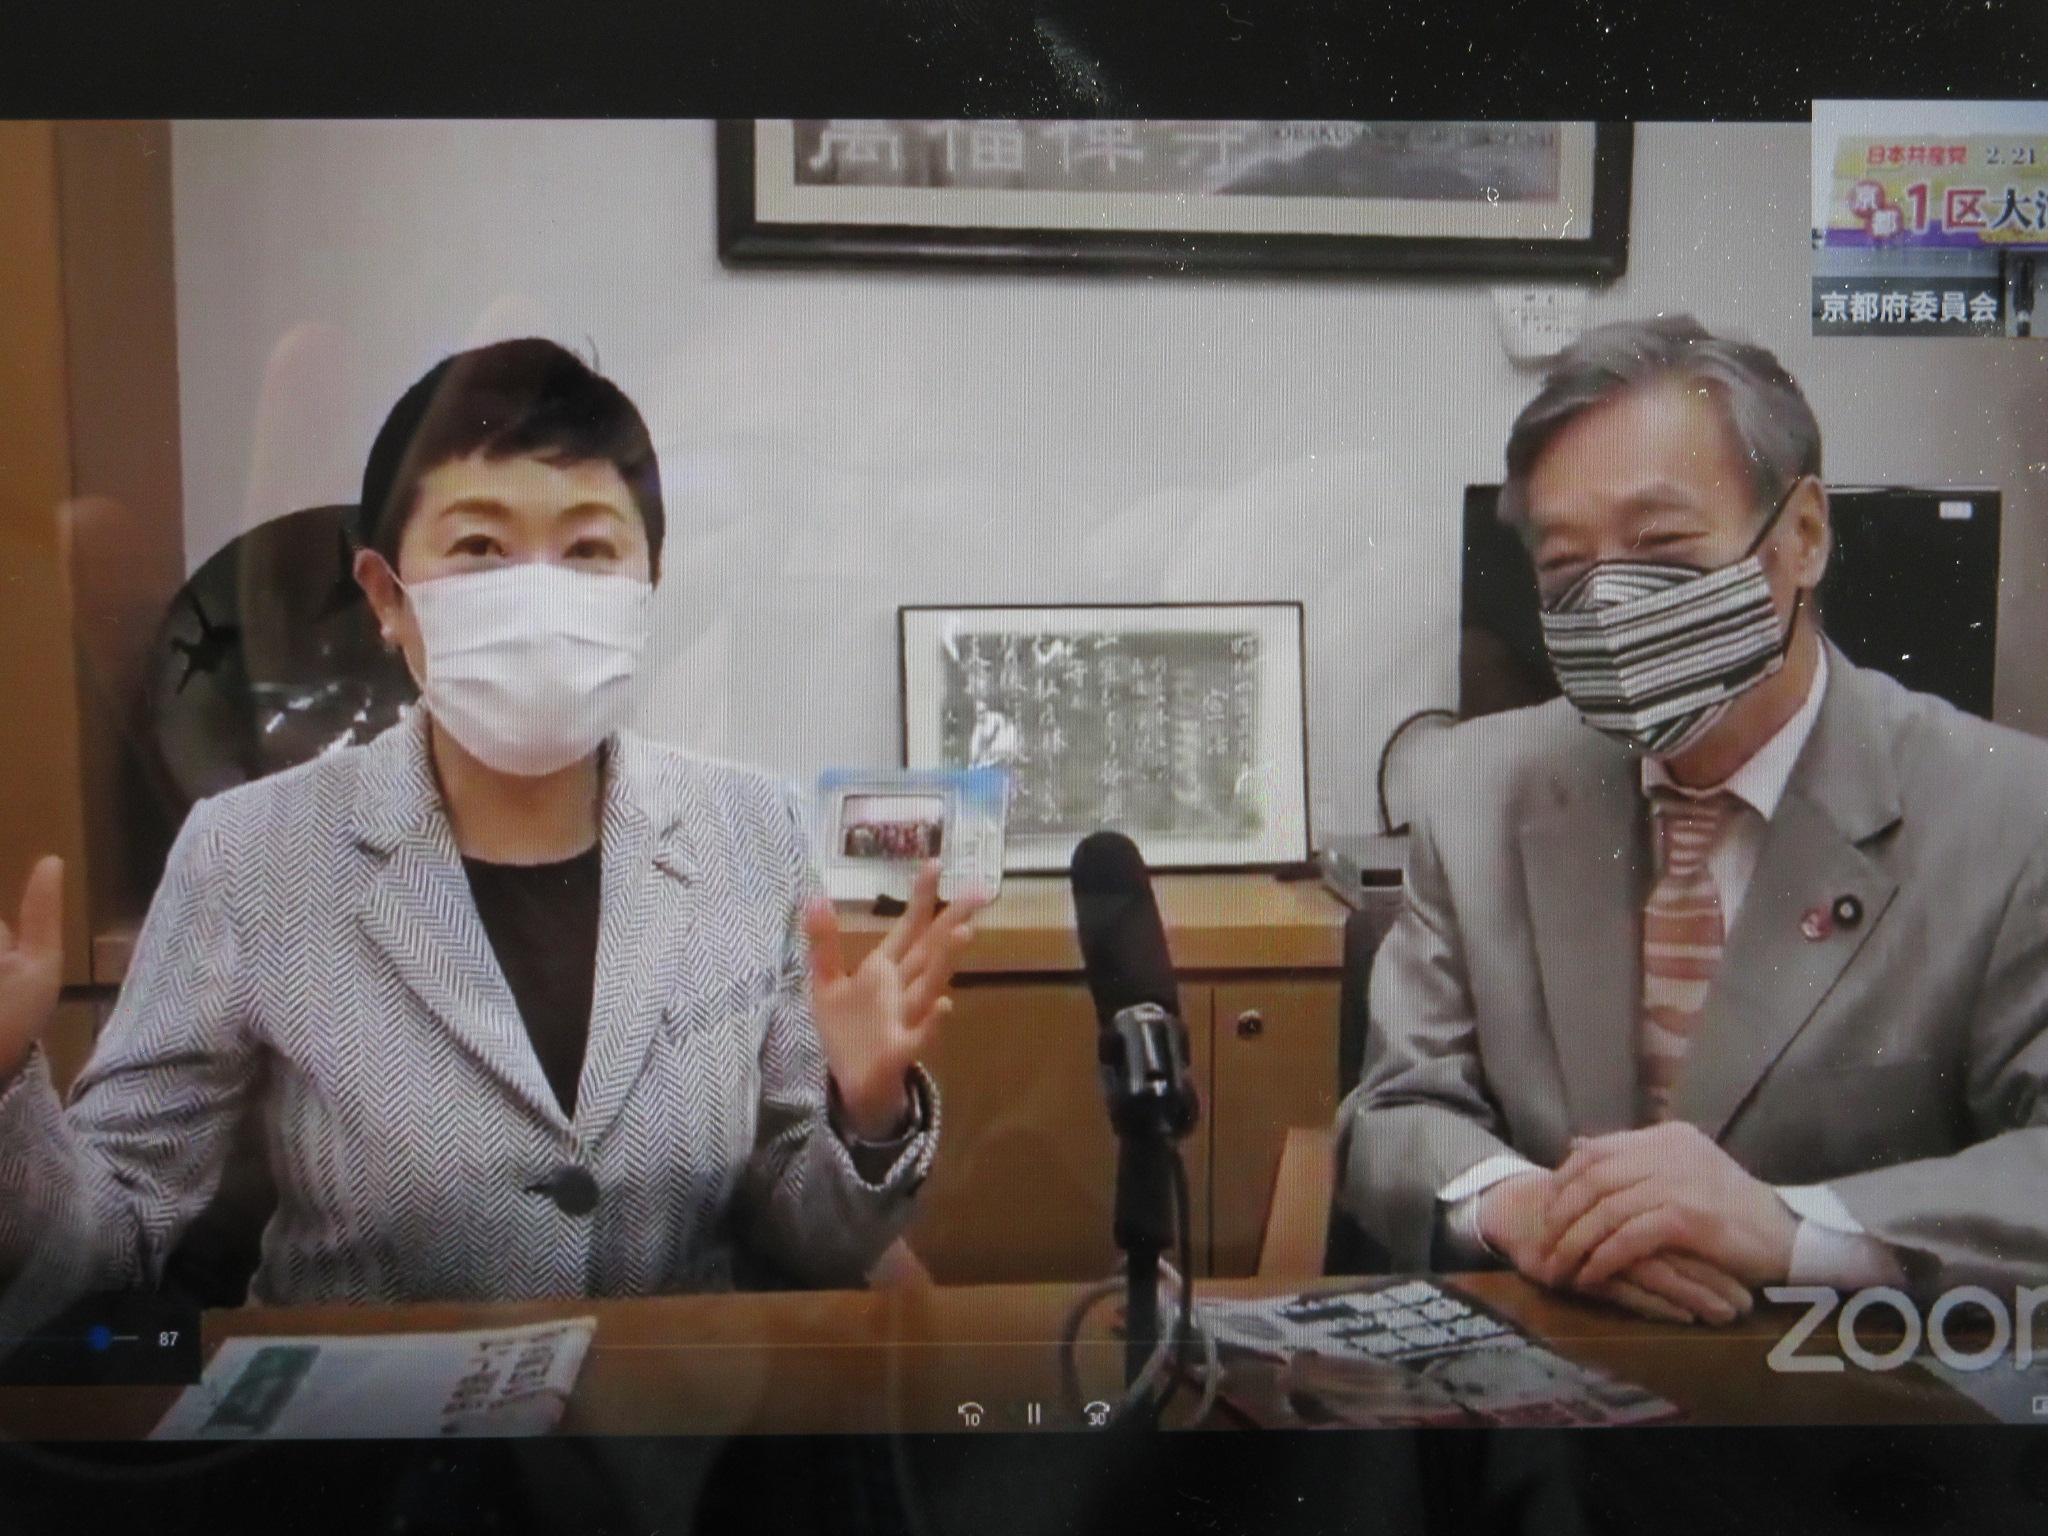 http://www.inoue-satoshi.com/diary/IMG_2040.JPG